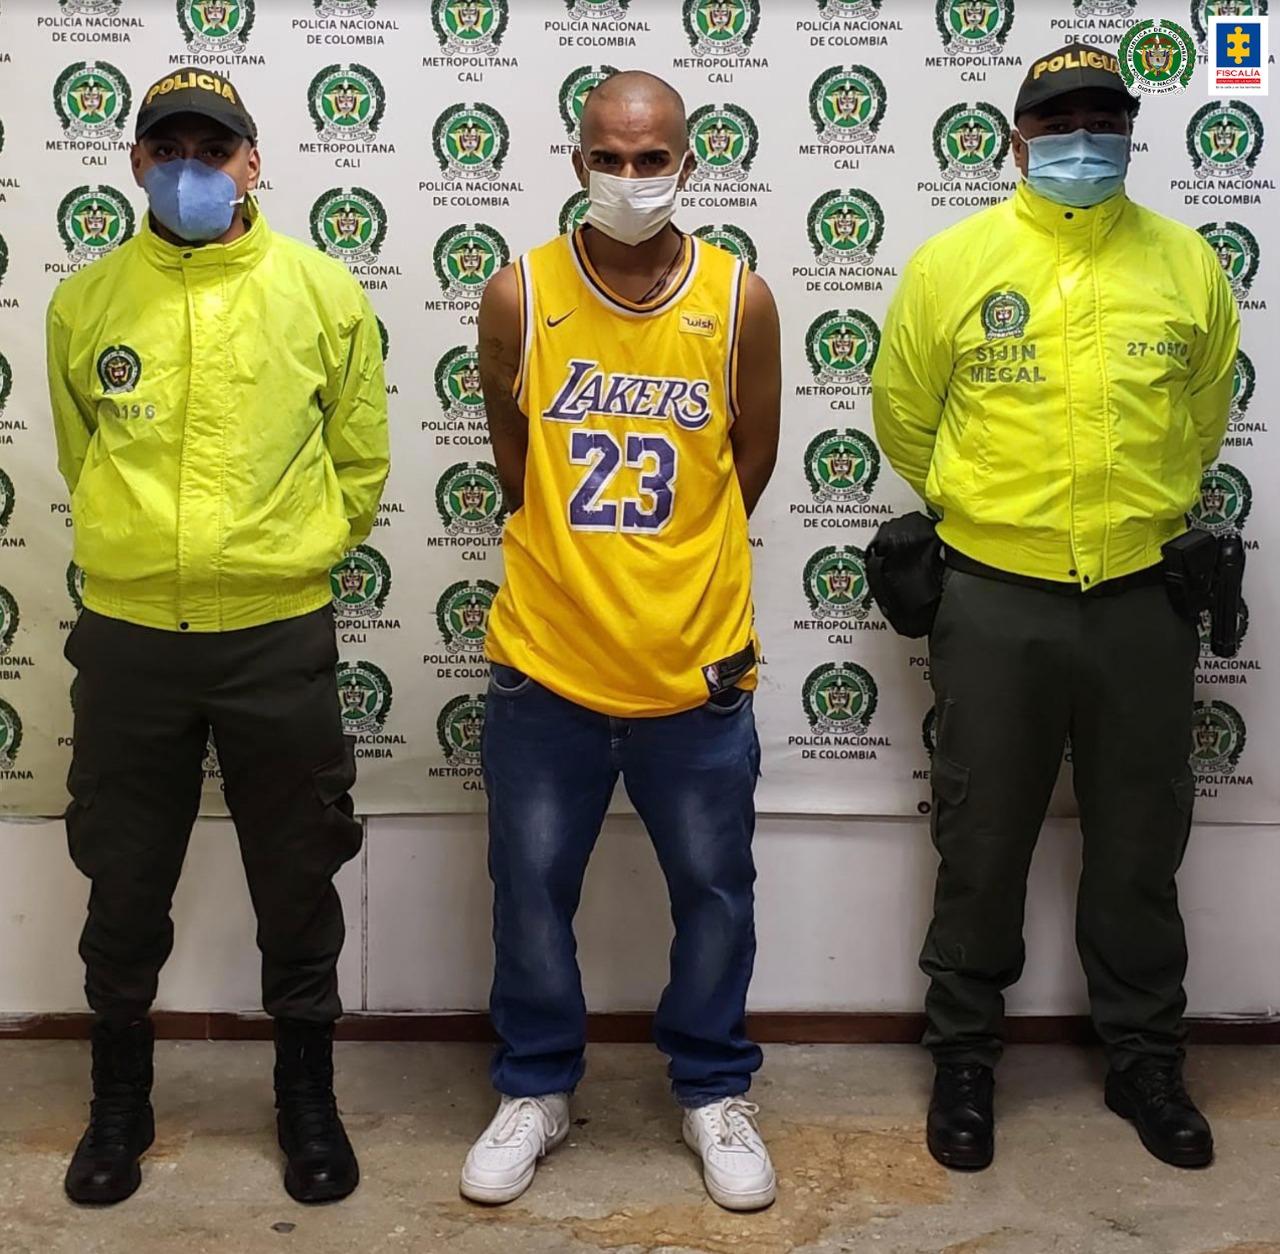 A la cárcel alias Calero, quien habría agredido a un patrullero de la Policía durante las manifestaciones violentas en Yumbo - Noticias de Colombia